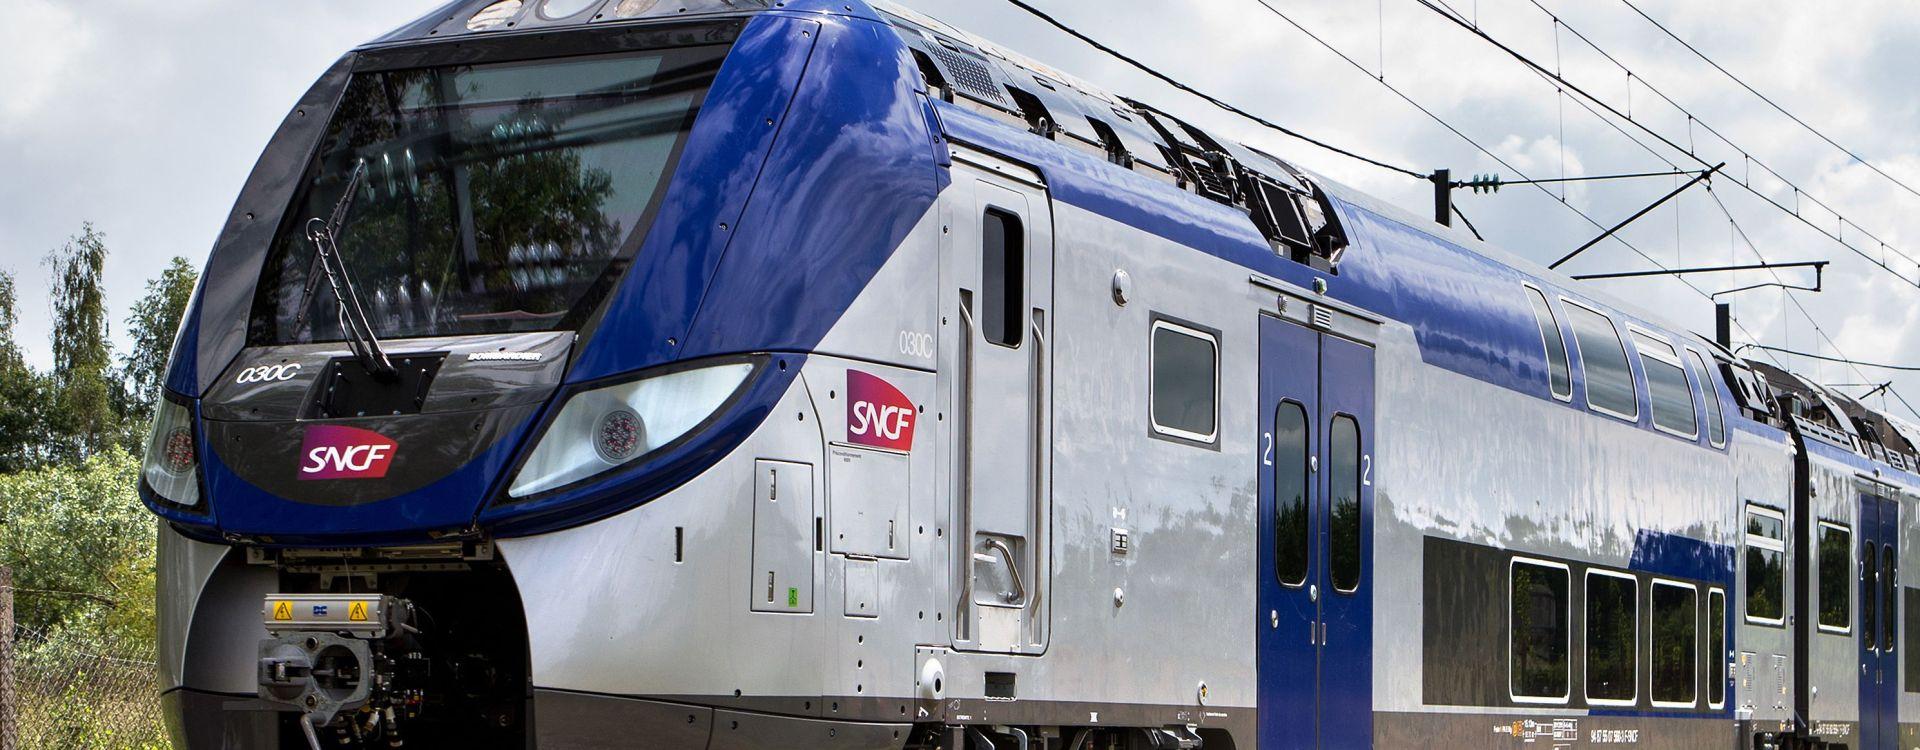 Retour du train de voyageurs en Ardèche : Le Département se réjouit de cette décision votée par l'équipe de Jean-Jack Queyranne !